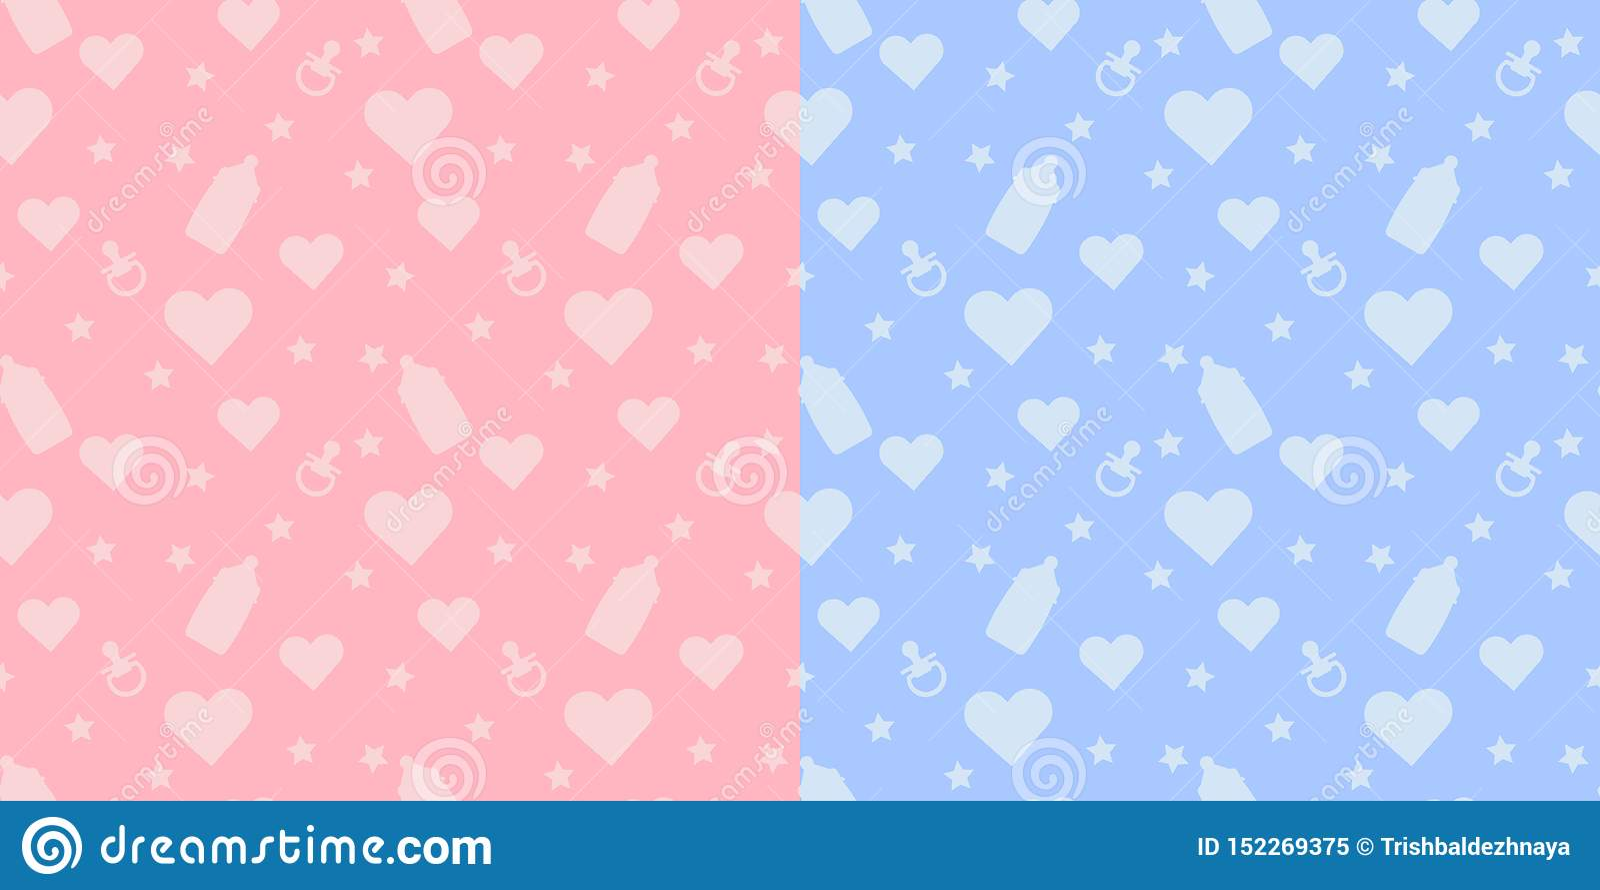 Vastgesteld jonge geitjes leuk naadloos patroon met vormen van zuigfles, fopspeen, hart op blauwe en roze achtergrond